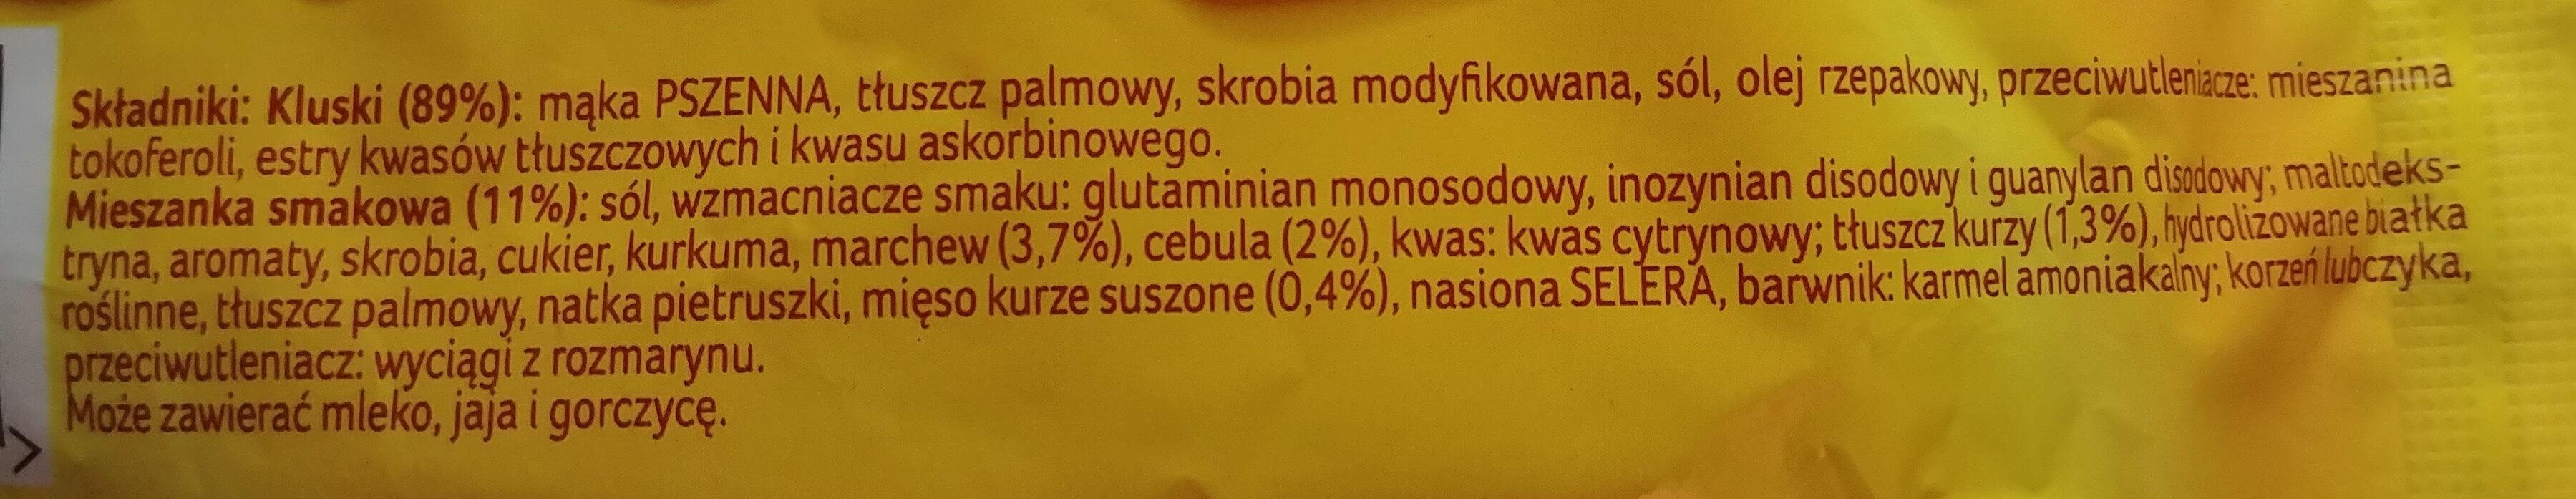 Rosół - zupa błyskawiczna - Składniki - pl